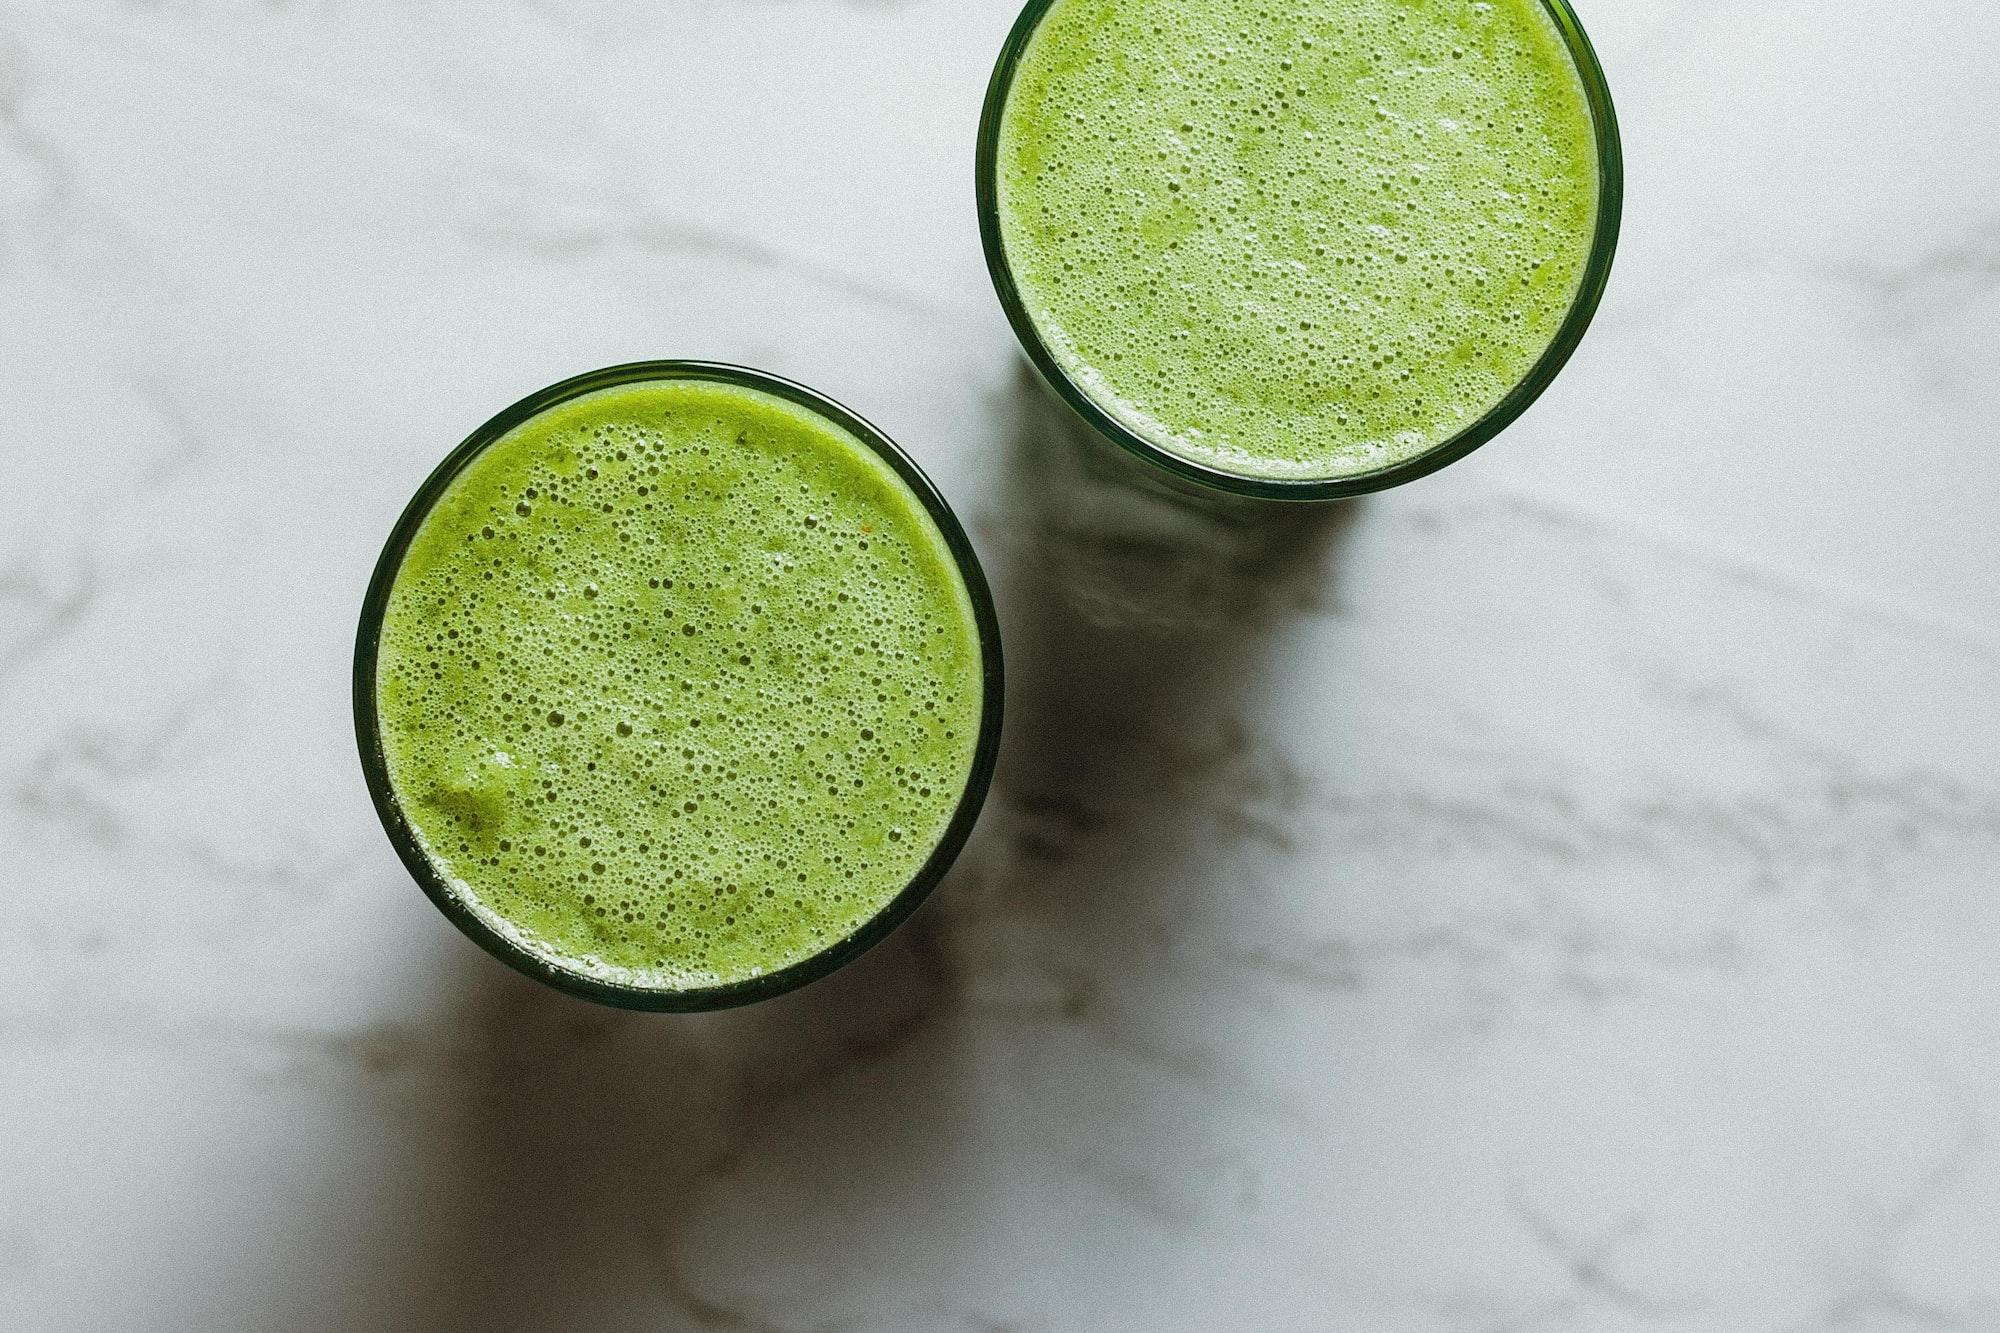 Grren juice by Alex Loup.